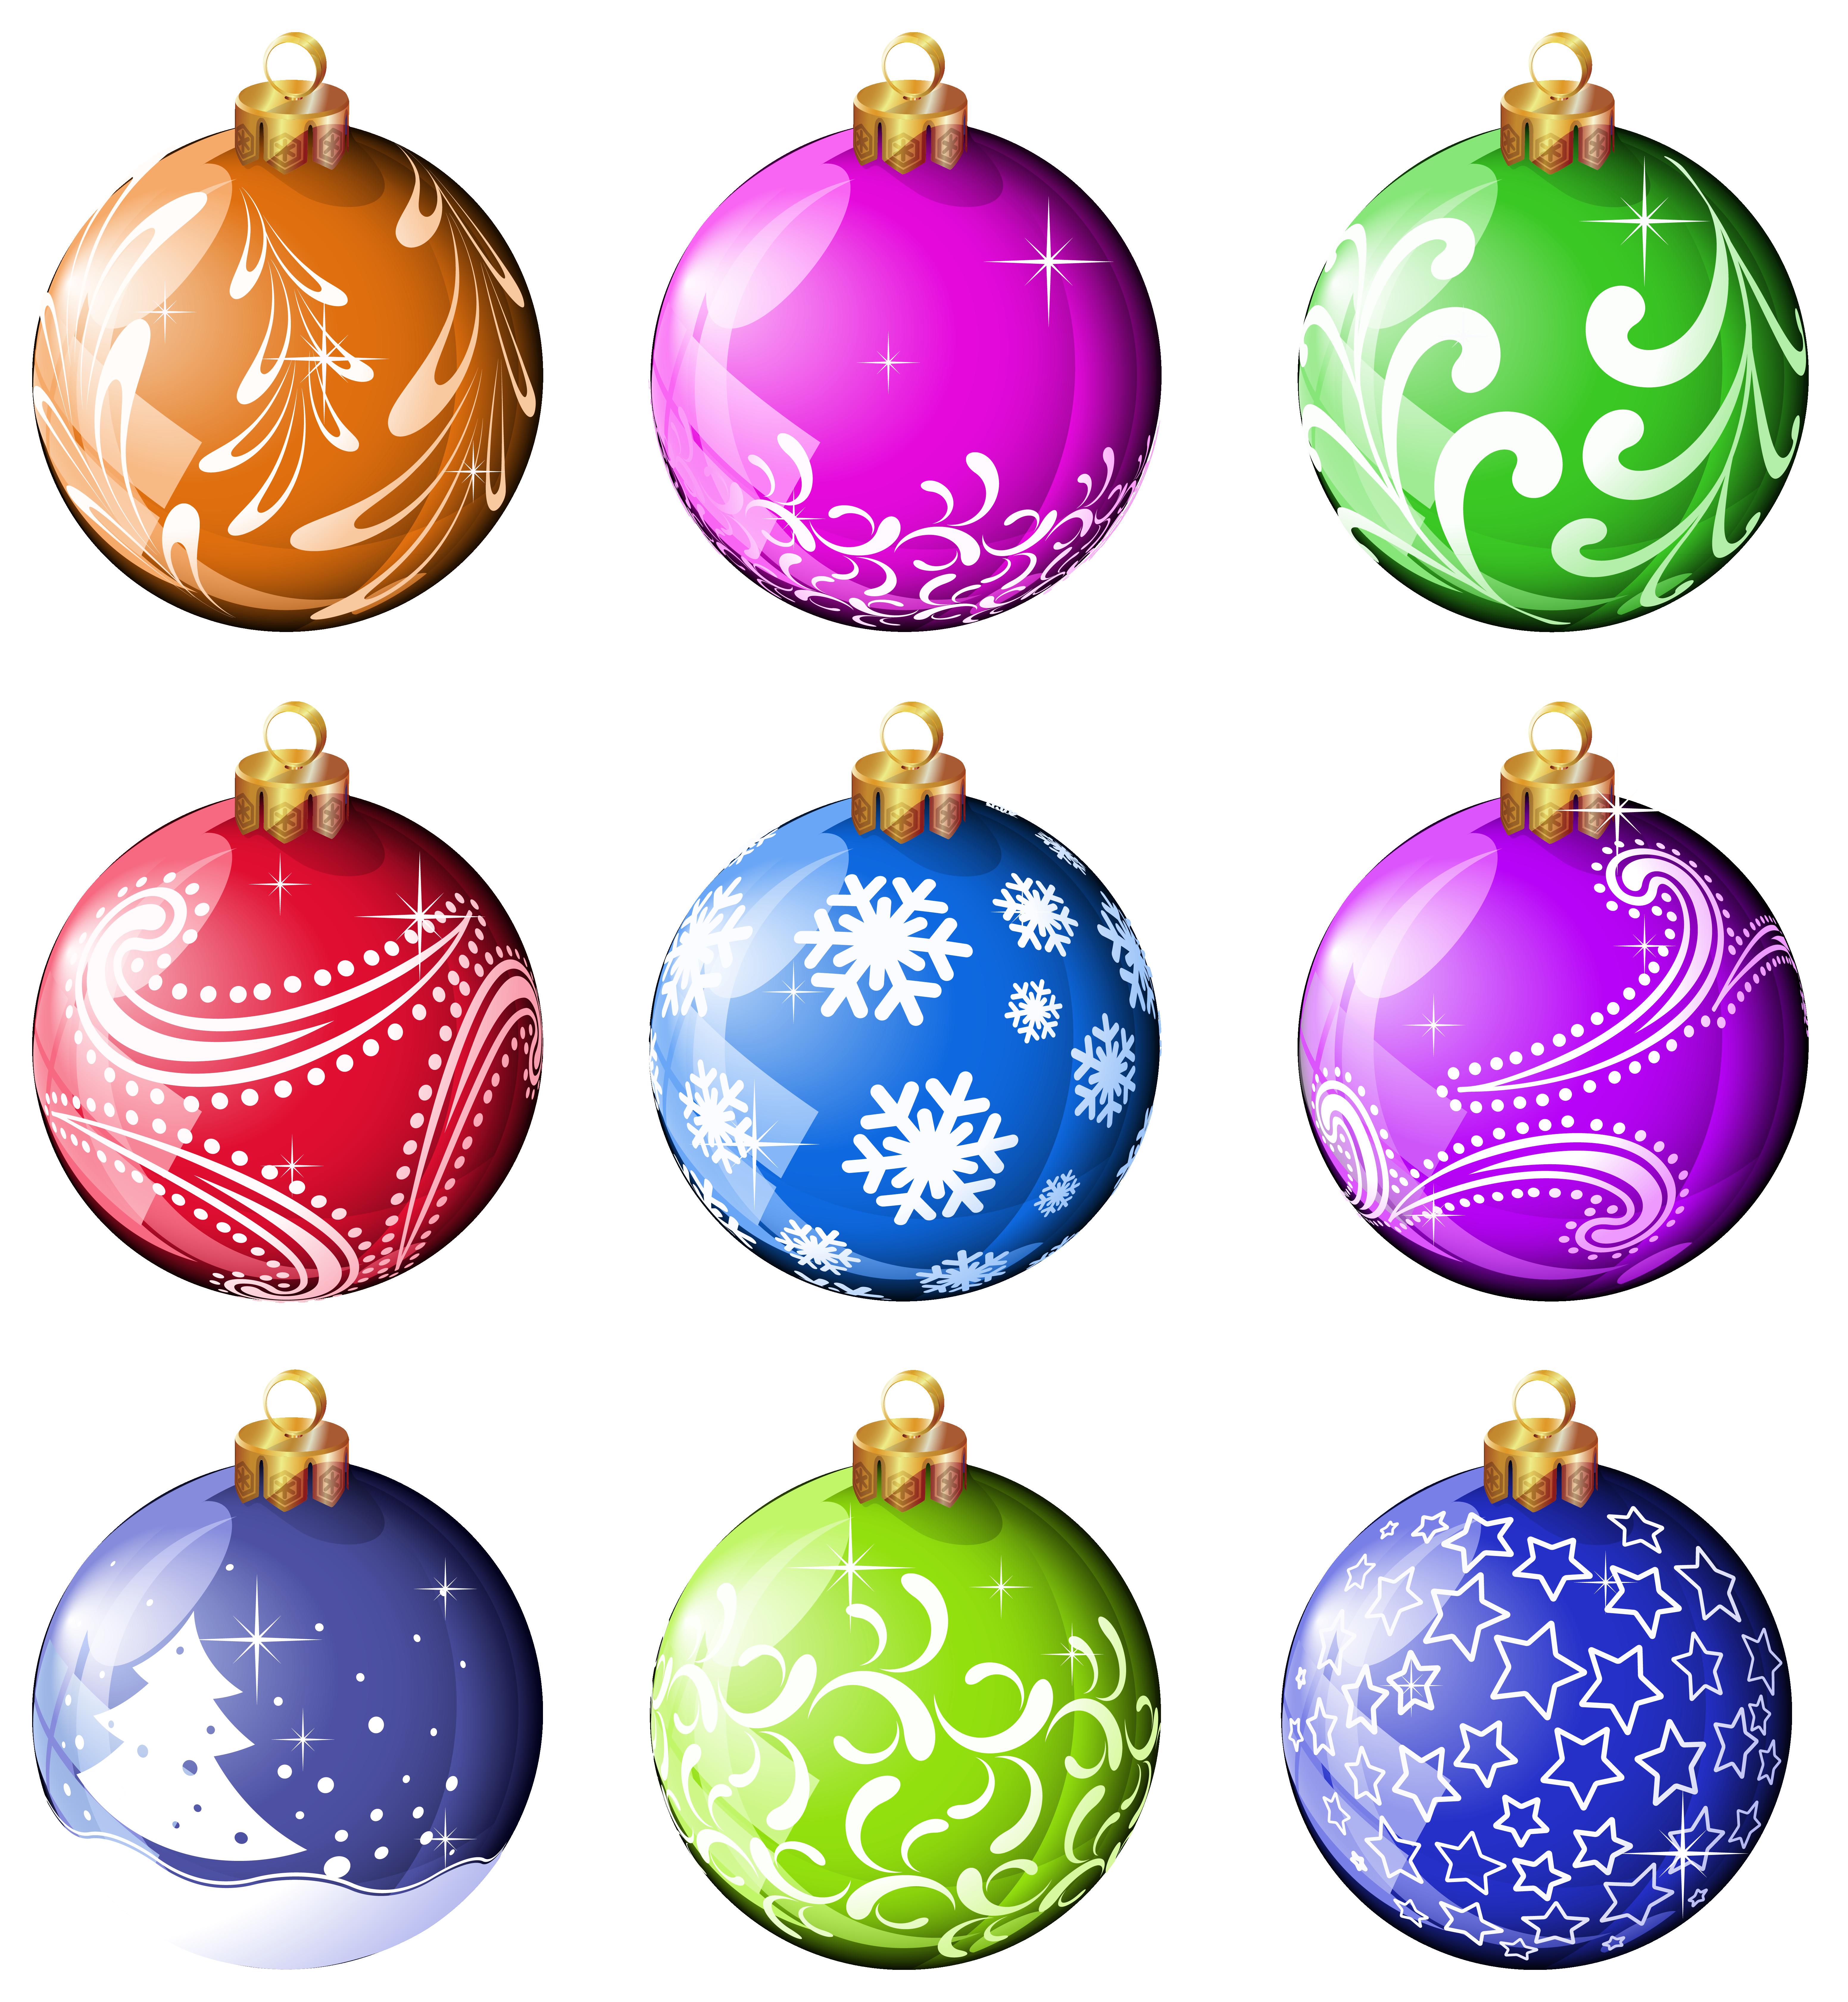 Christmas bulb ornaments clipart.